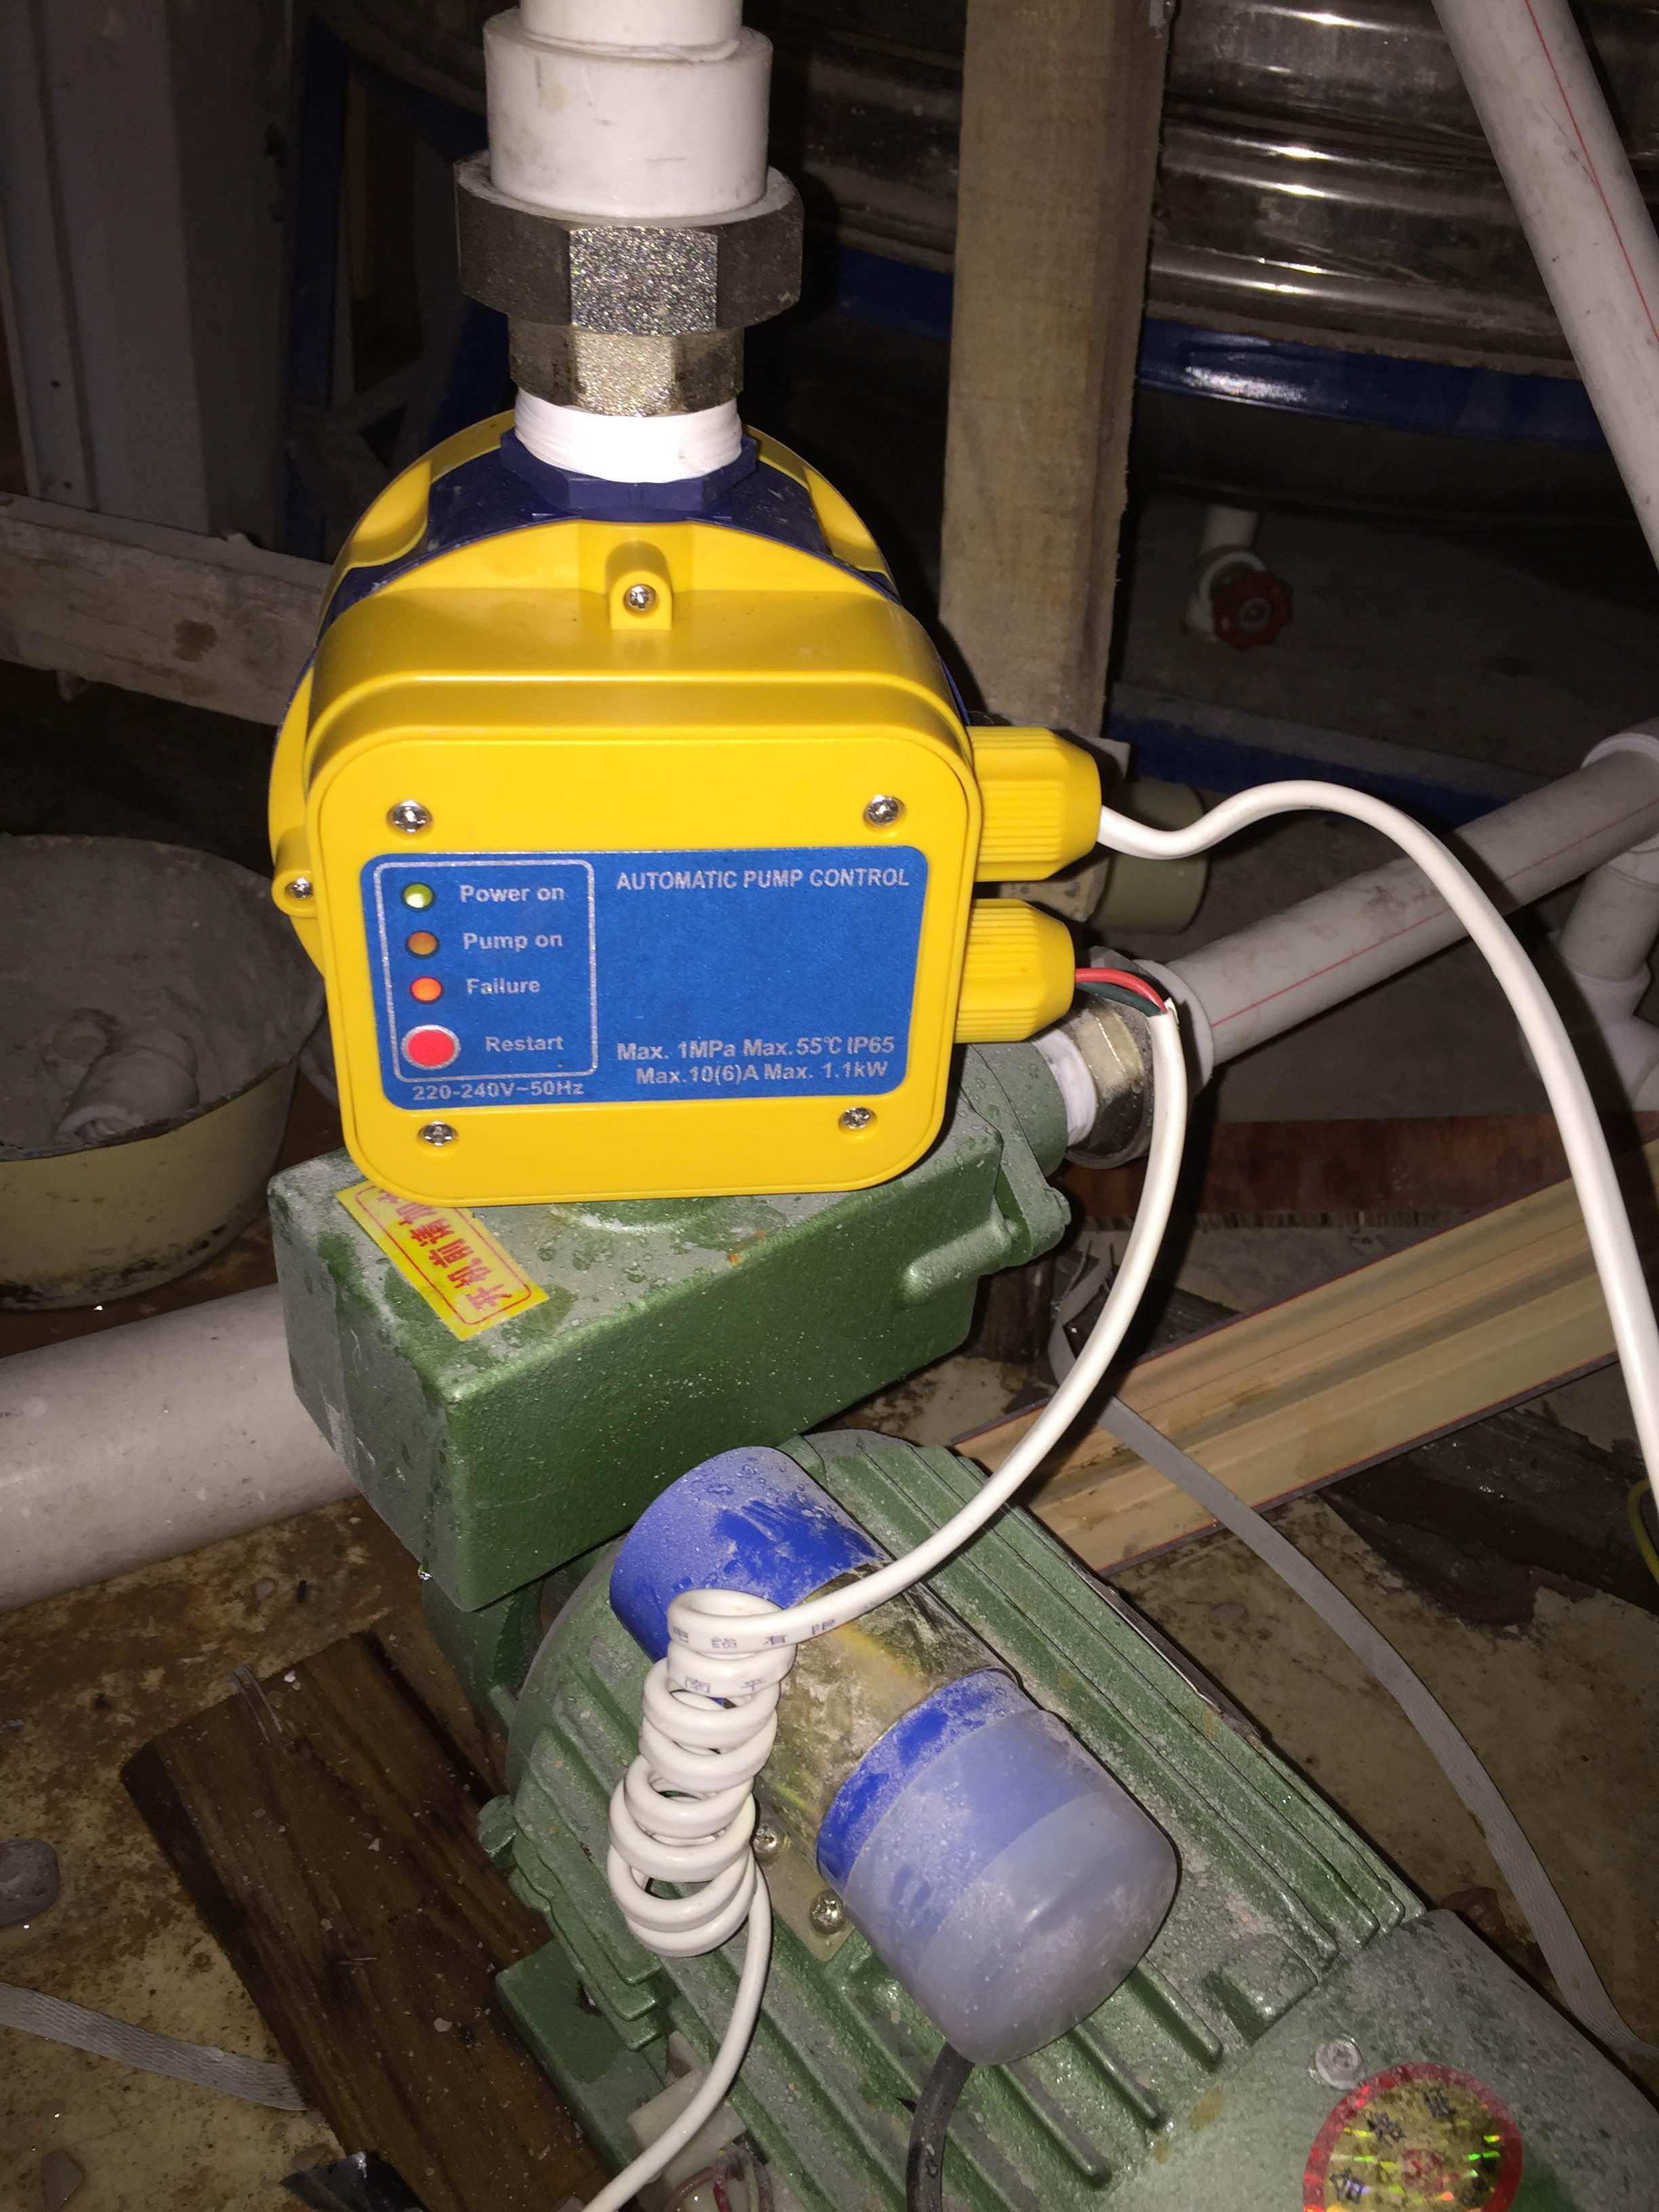 El flujo de presión la presión de sobrealimentación especial interruptor electrónico controlador de control automático de la bomba de agua caliente